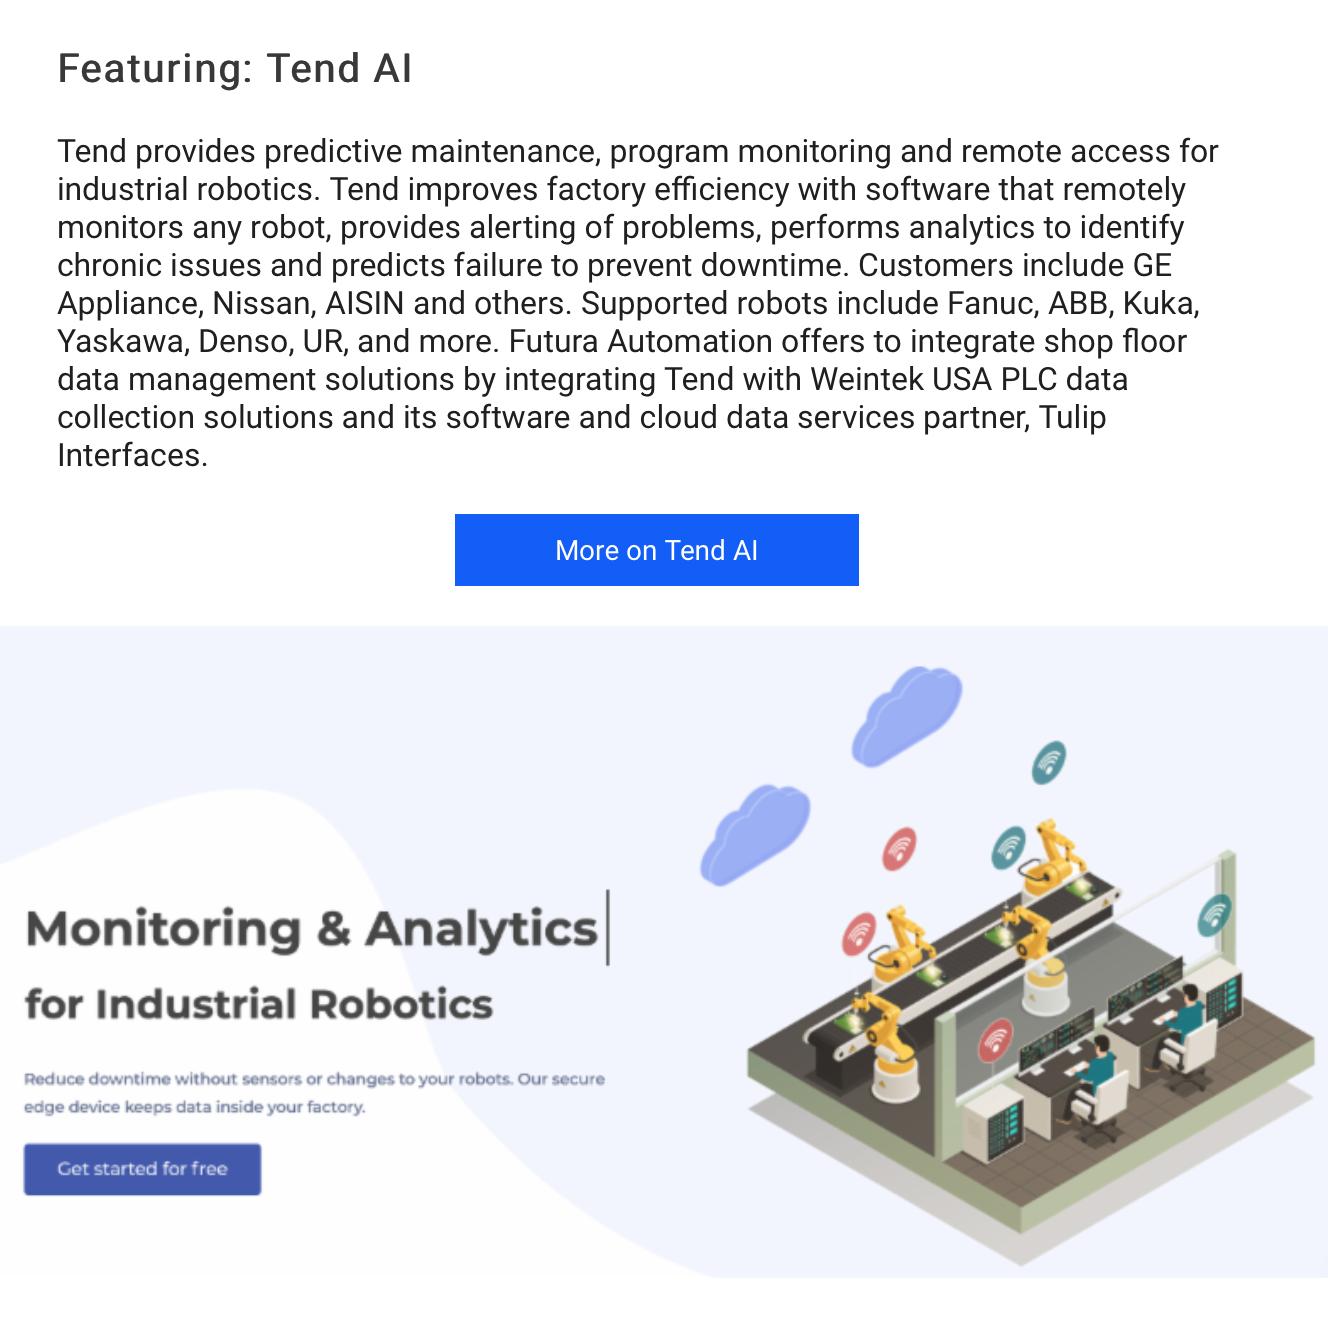 Futura and Tend AI